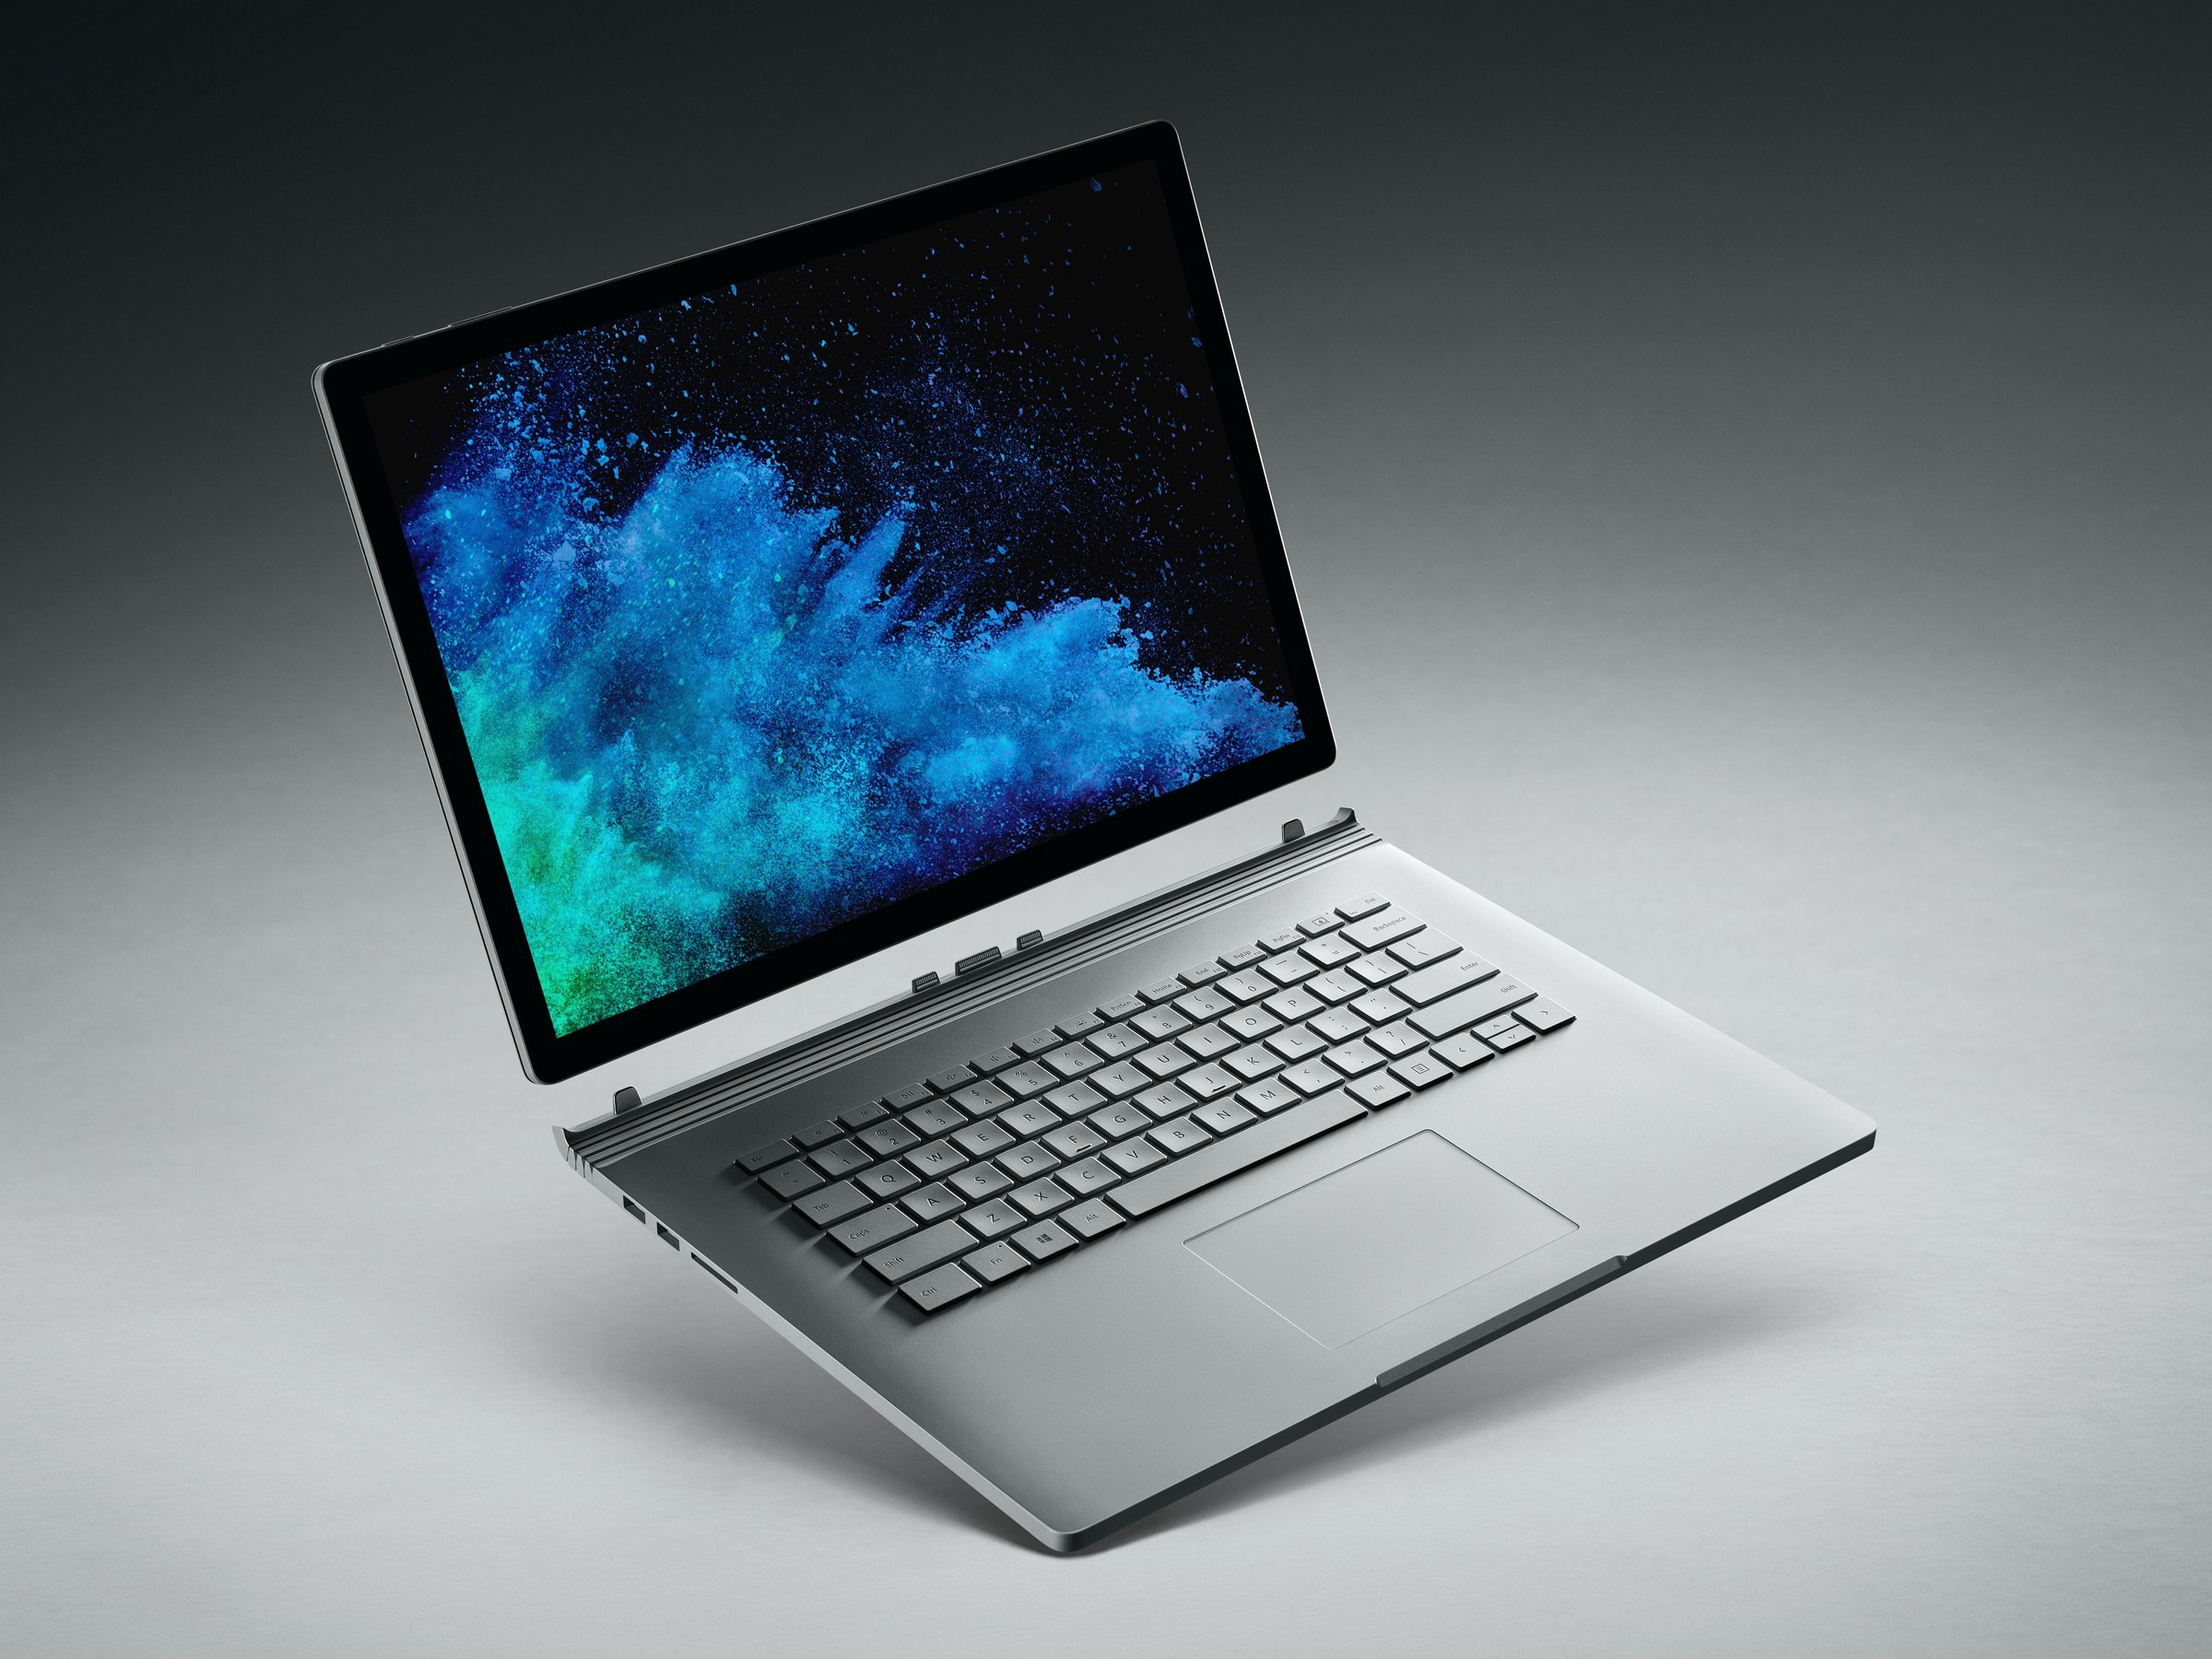 Microsoft paré au lancement d'un Surface Book 3 et d'un Surface Go 2 au printemps